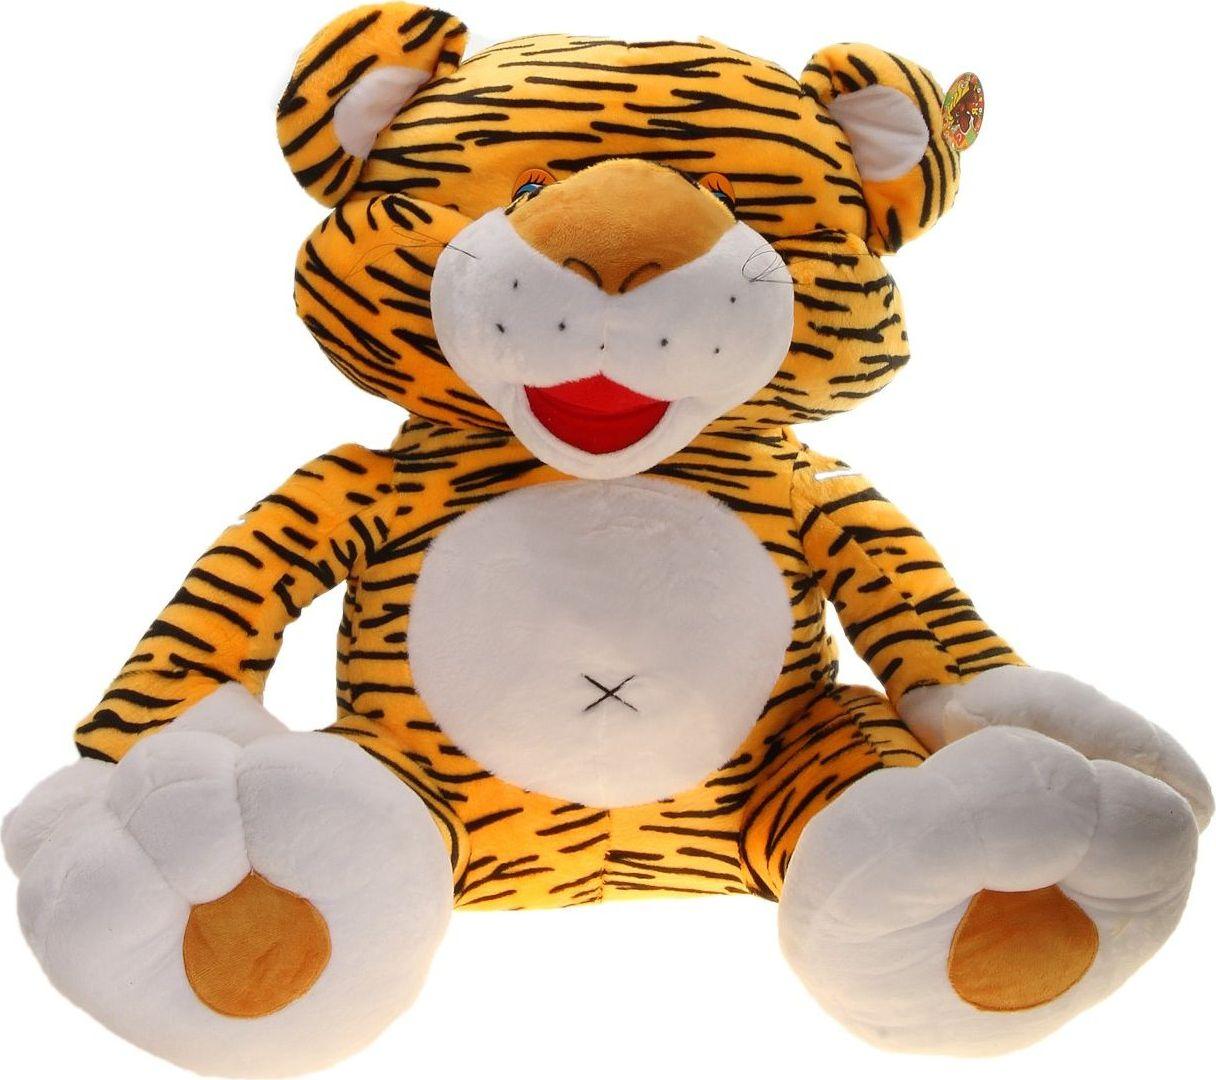 Sima-land Мягкая игрушка Тигренок 326420 sima land мягкая игрушка на руку мальчик 1147835